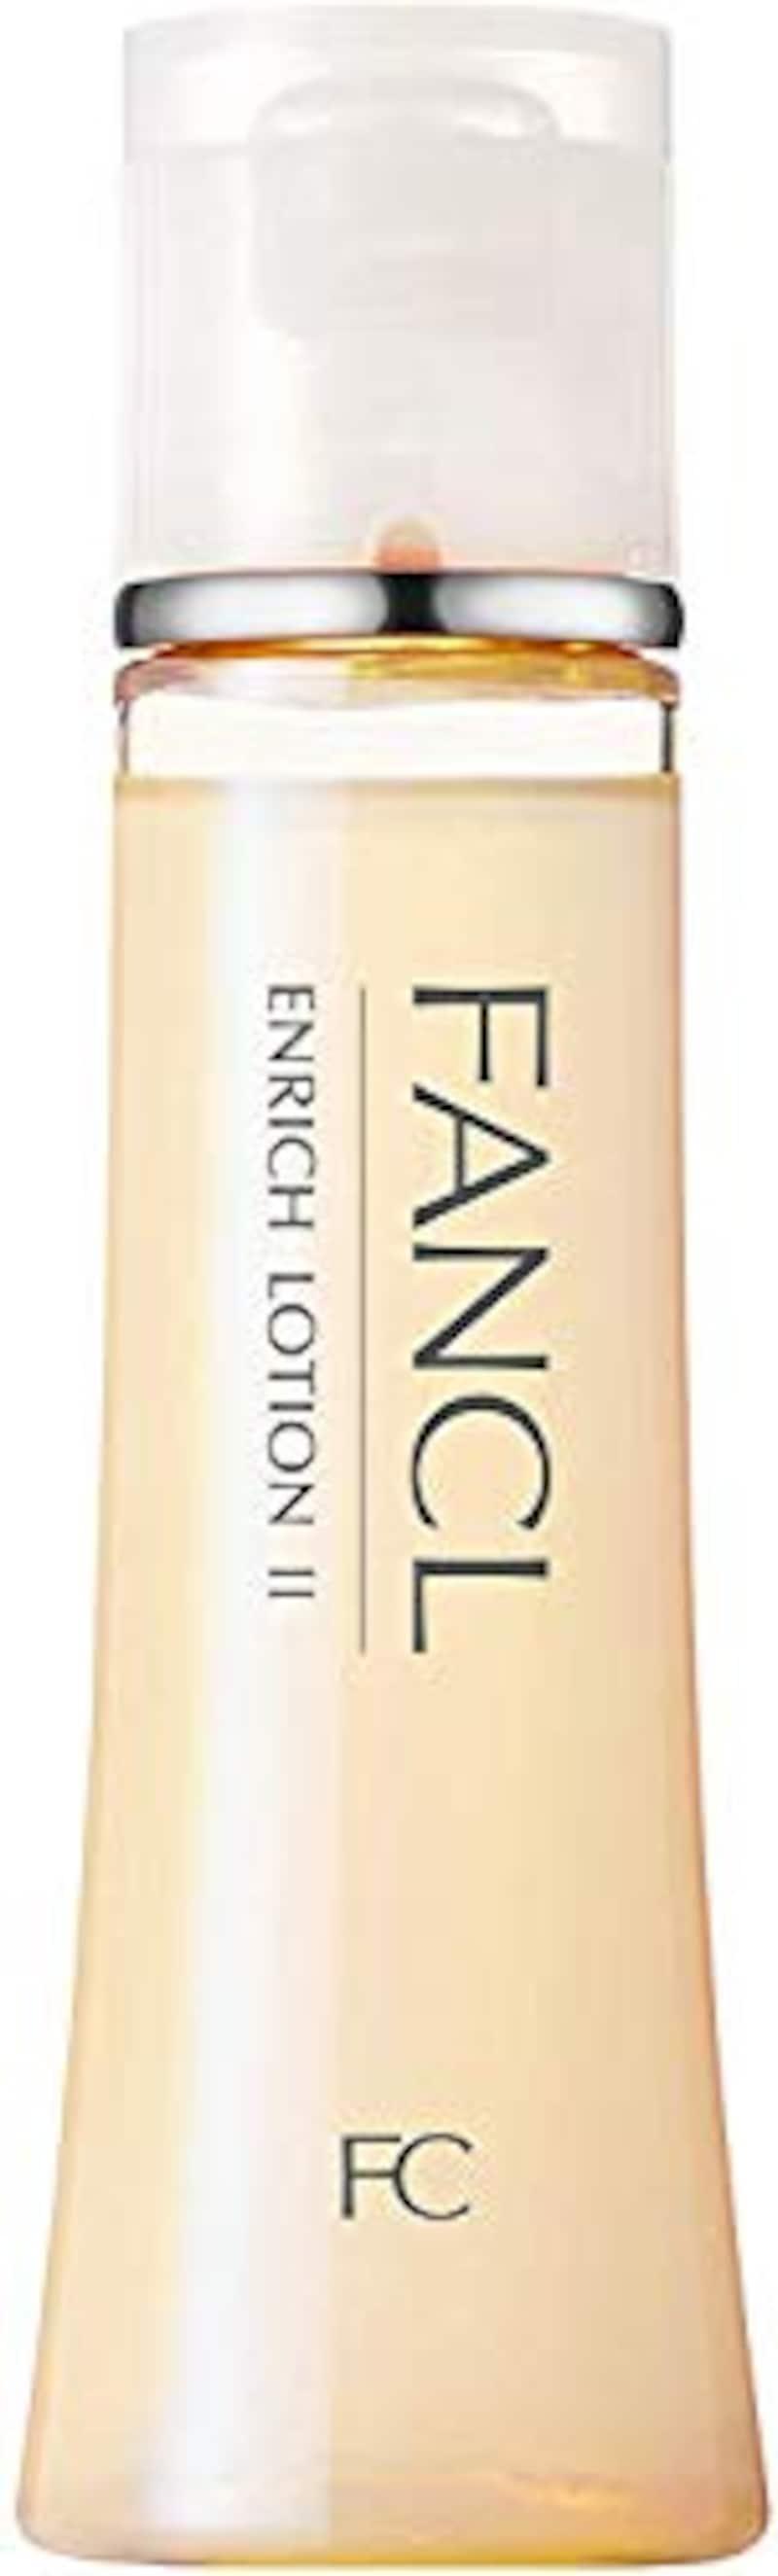 ファンケル,エンリッチ 化粧液